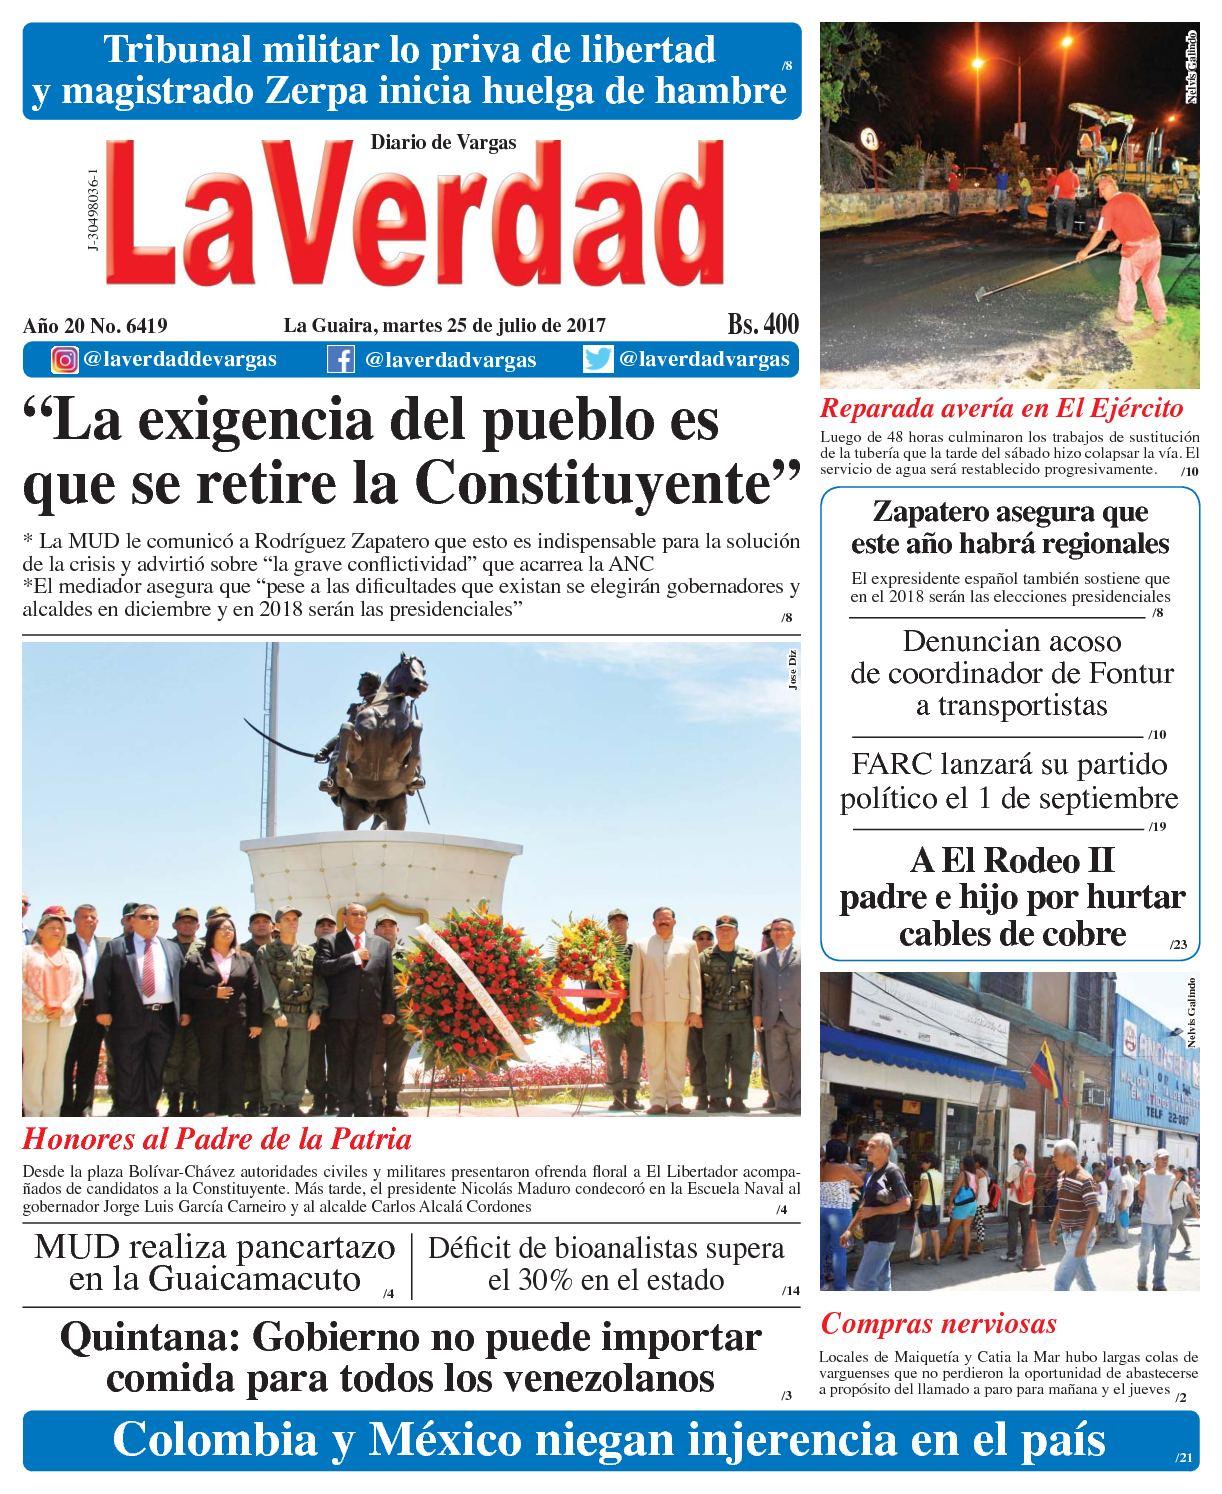 La Guaira, Martes 25 de julio de 2017 Año 20 No. 6419